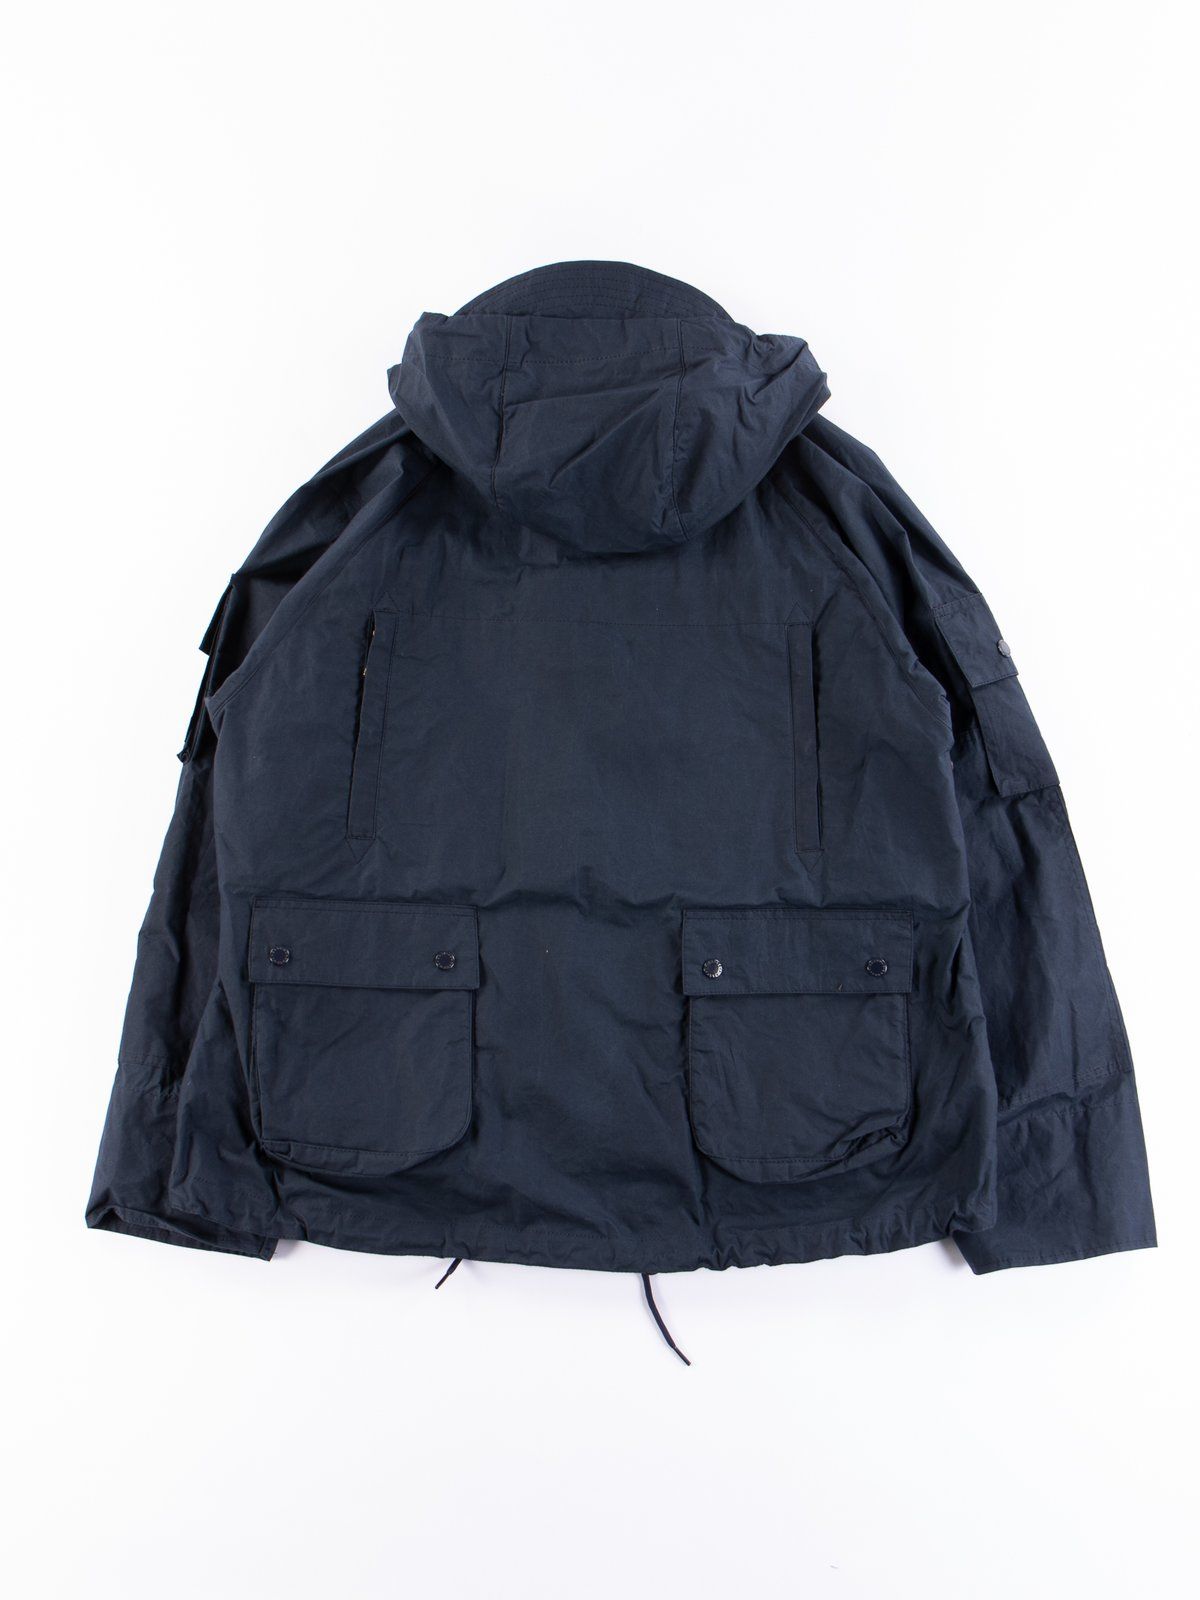 Navy Thompson Jacket - Image 6